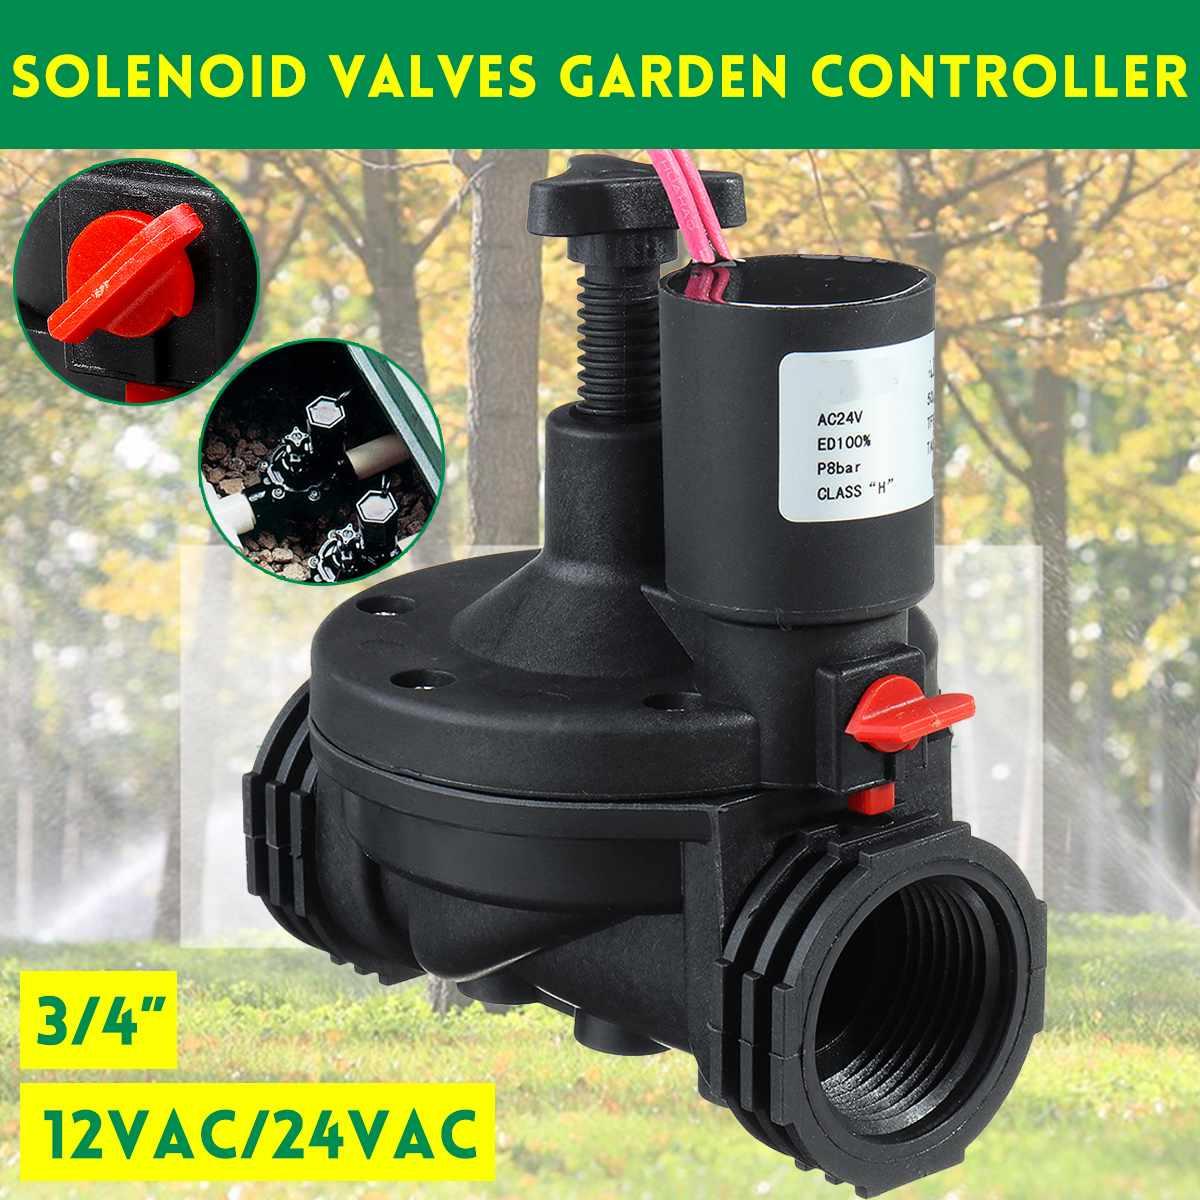 صمام الري الصناعي 3/4 بوصة ، 12 فولت/24 فولت تيار متردد ، صمامات الملف اللولبي ، وحدة تحكم الحديقة ، مؤقت مياه الحديقة